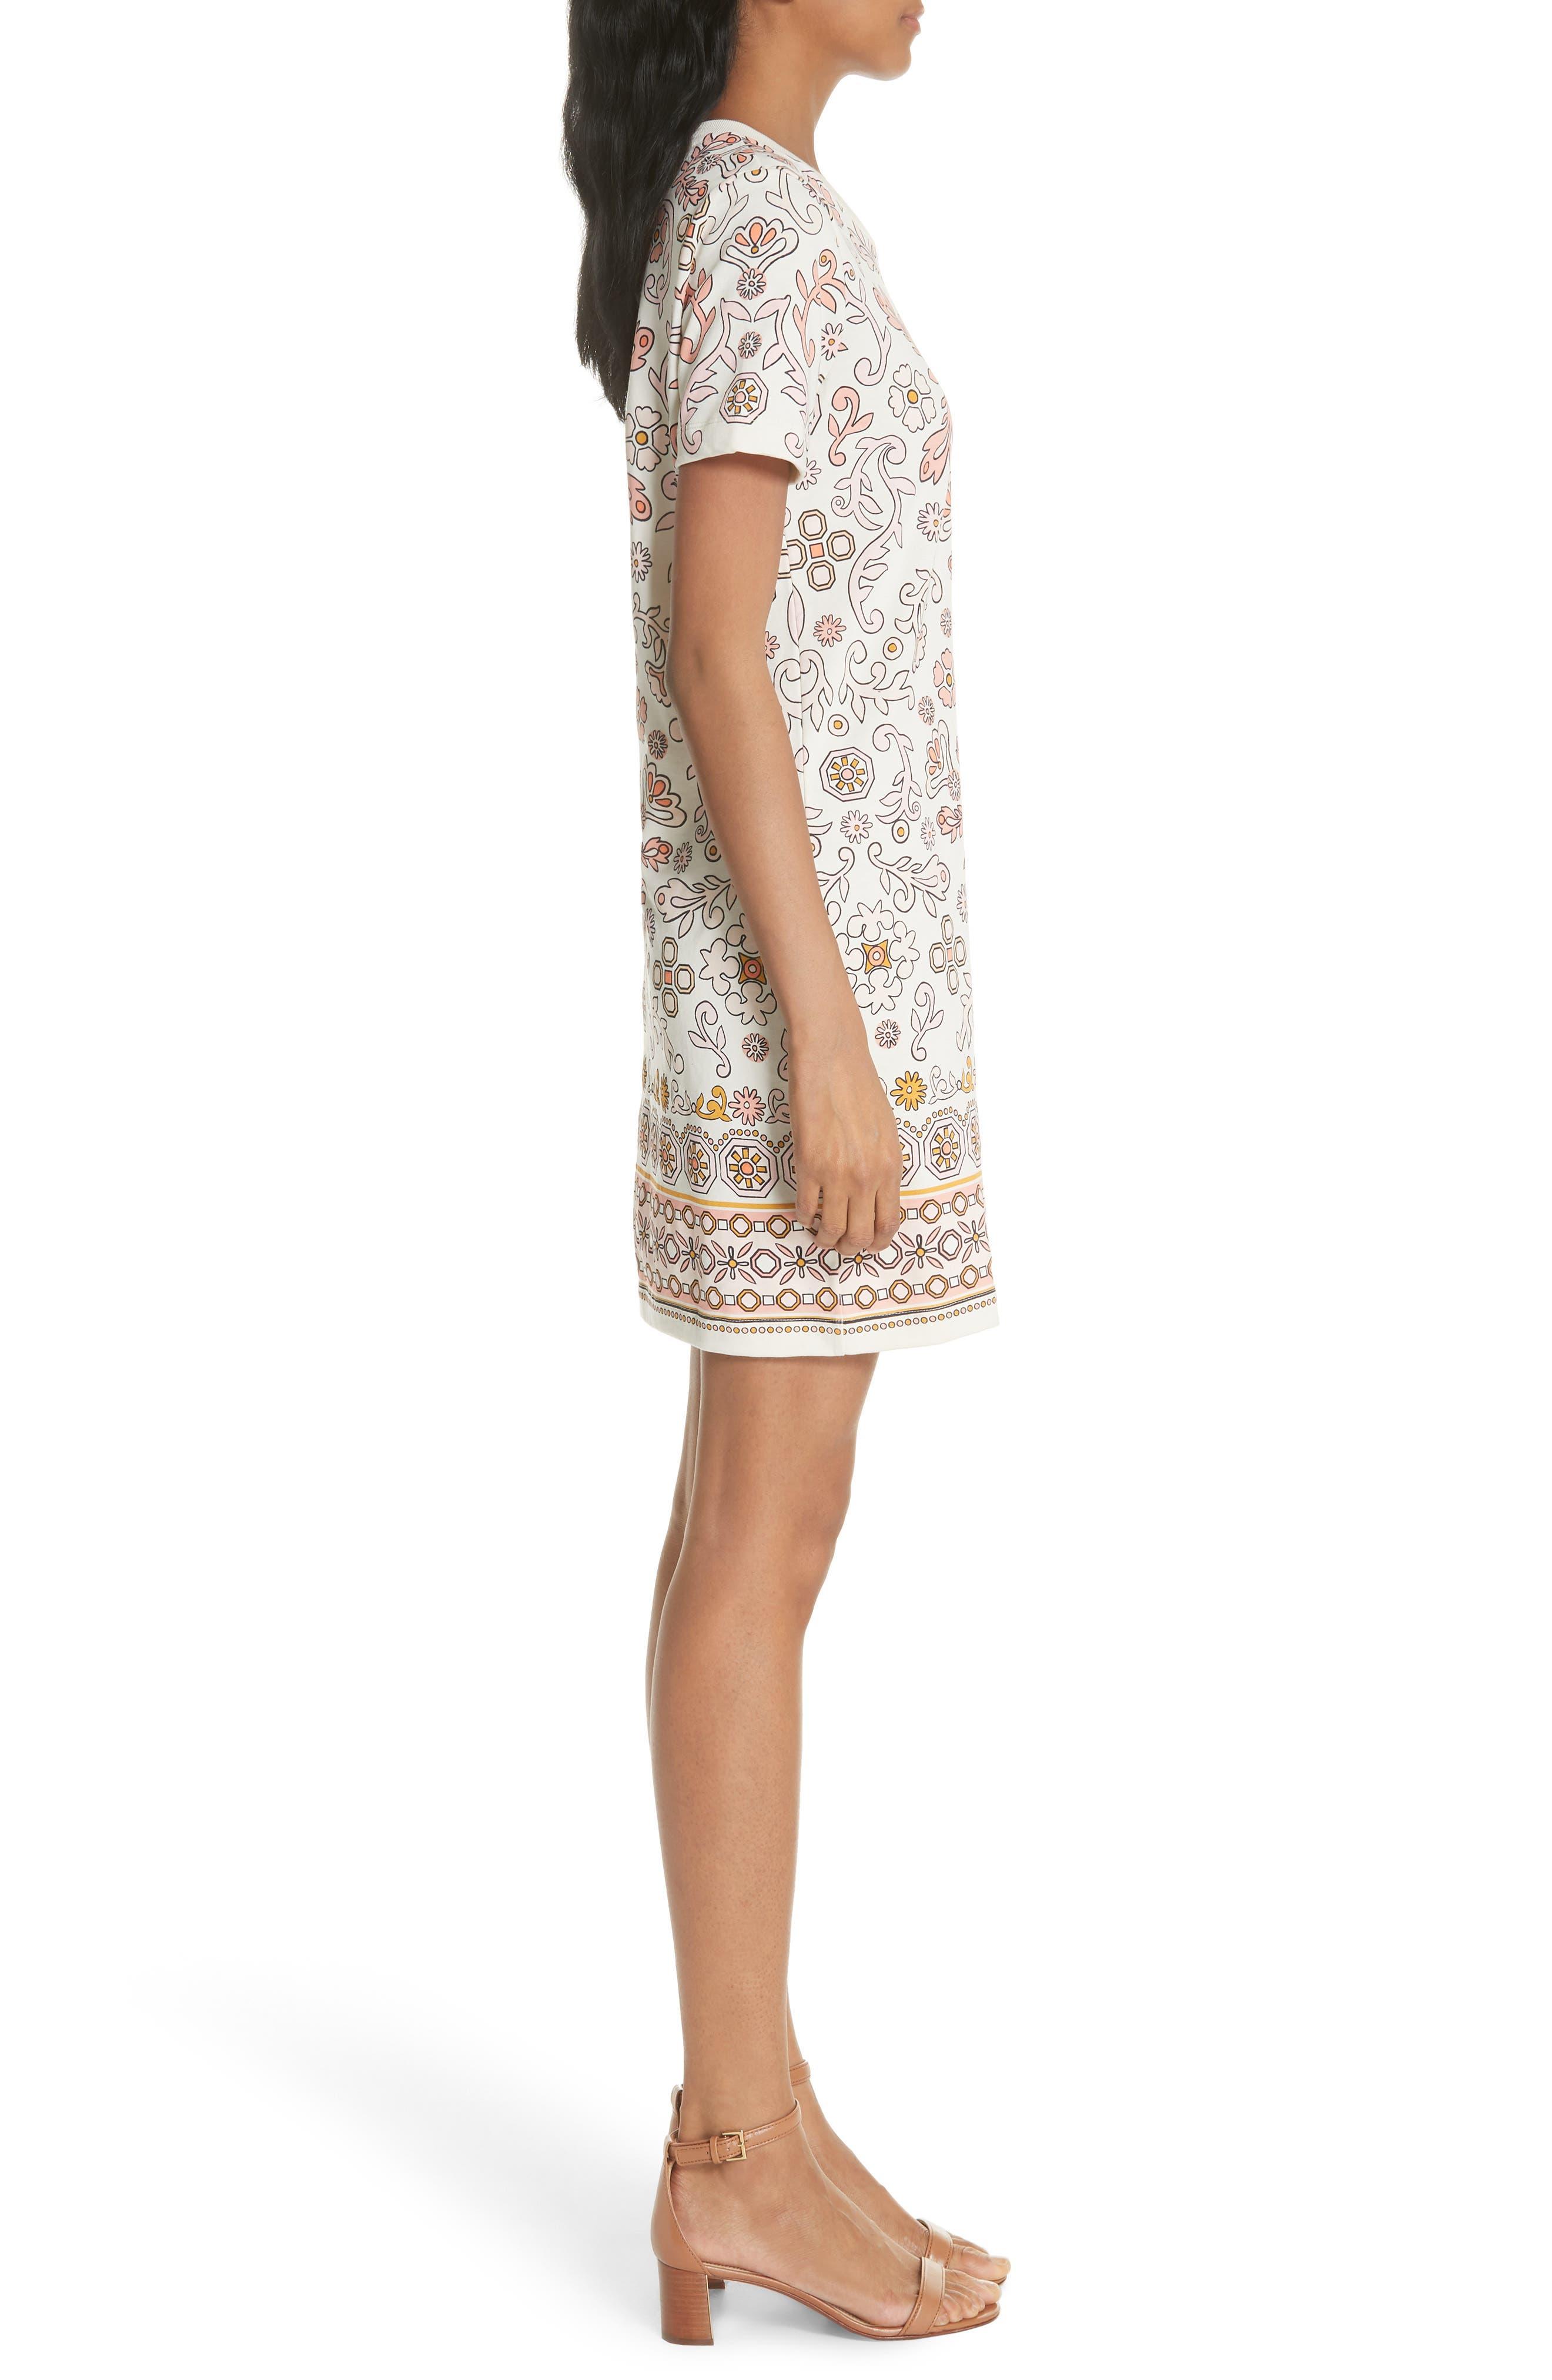 Avril Pima Cotton Dress,                             Alternate thumbnail 3, color,                             198